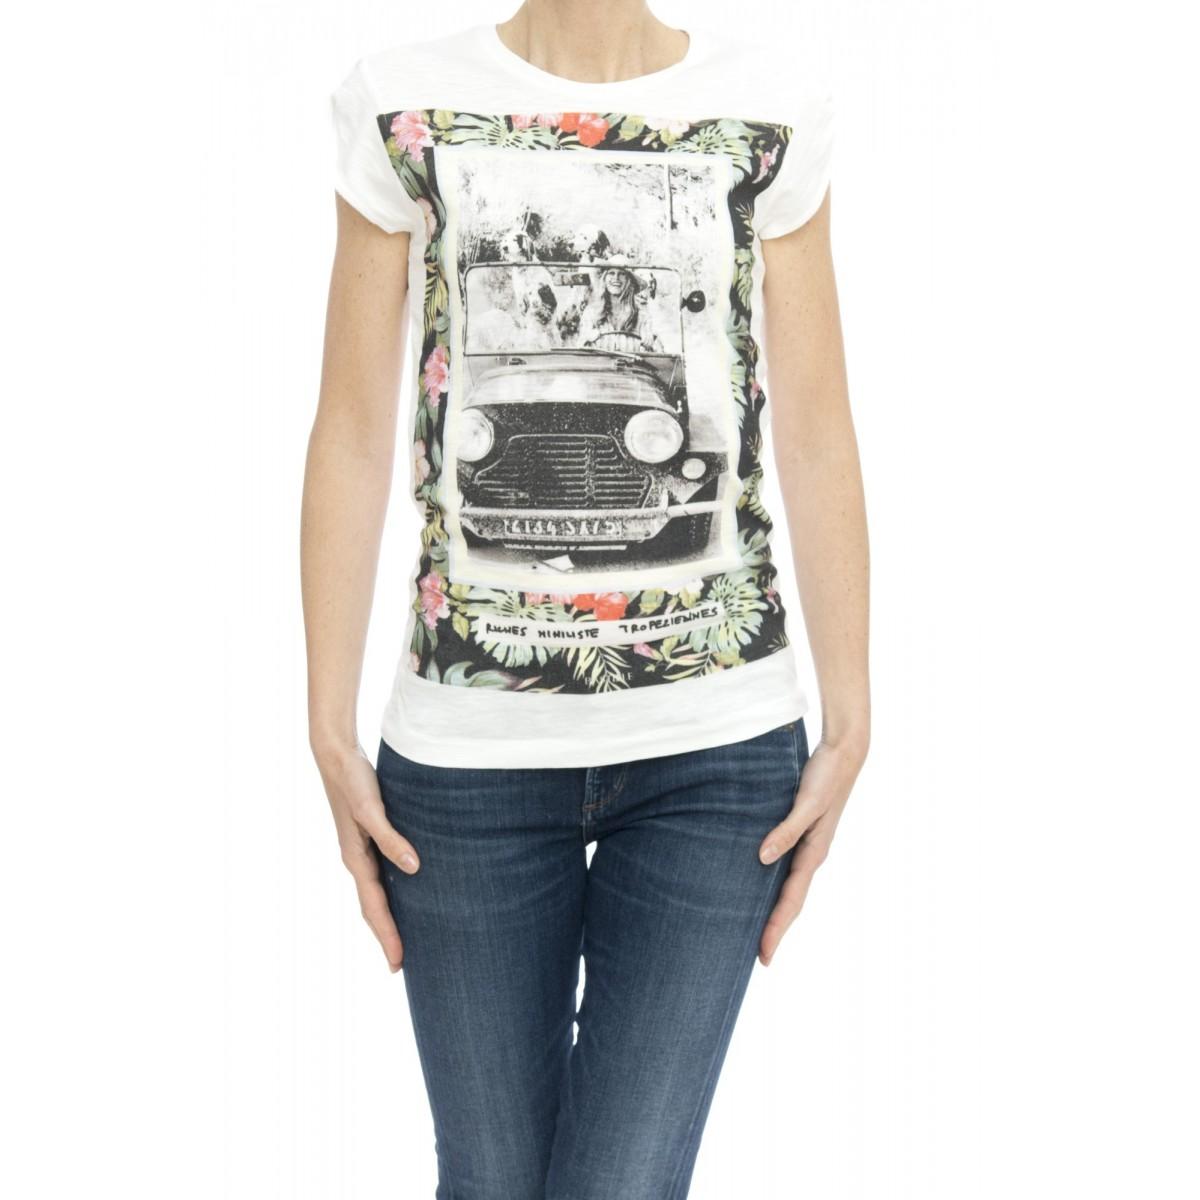 T-shirt - Slub t-shirt stampa